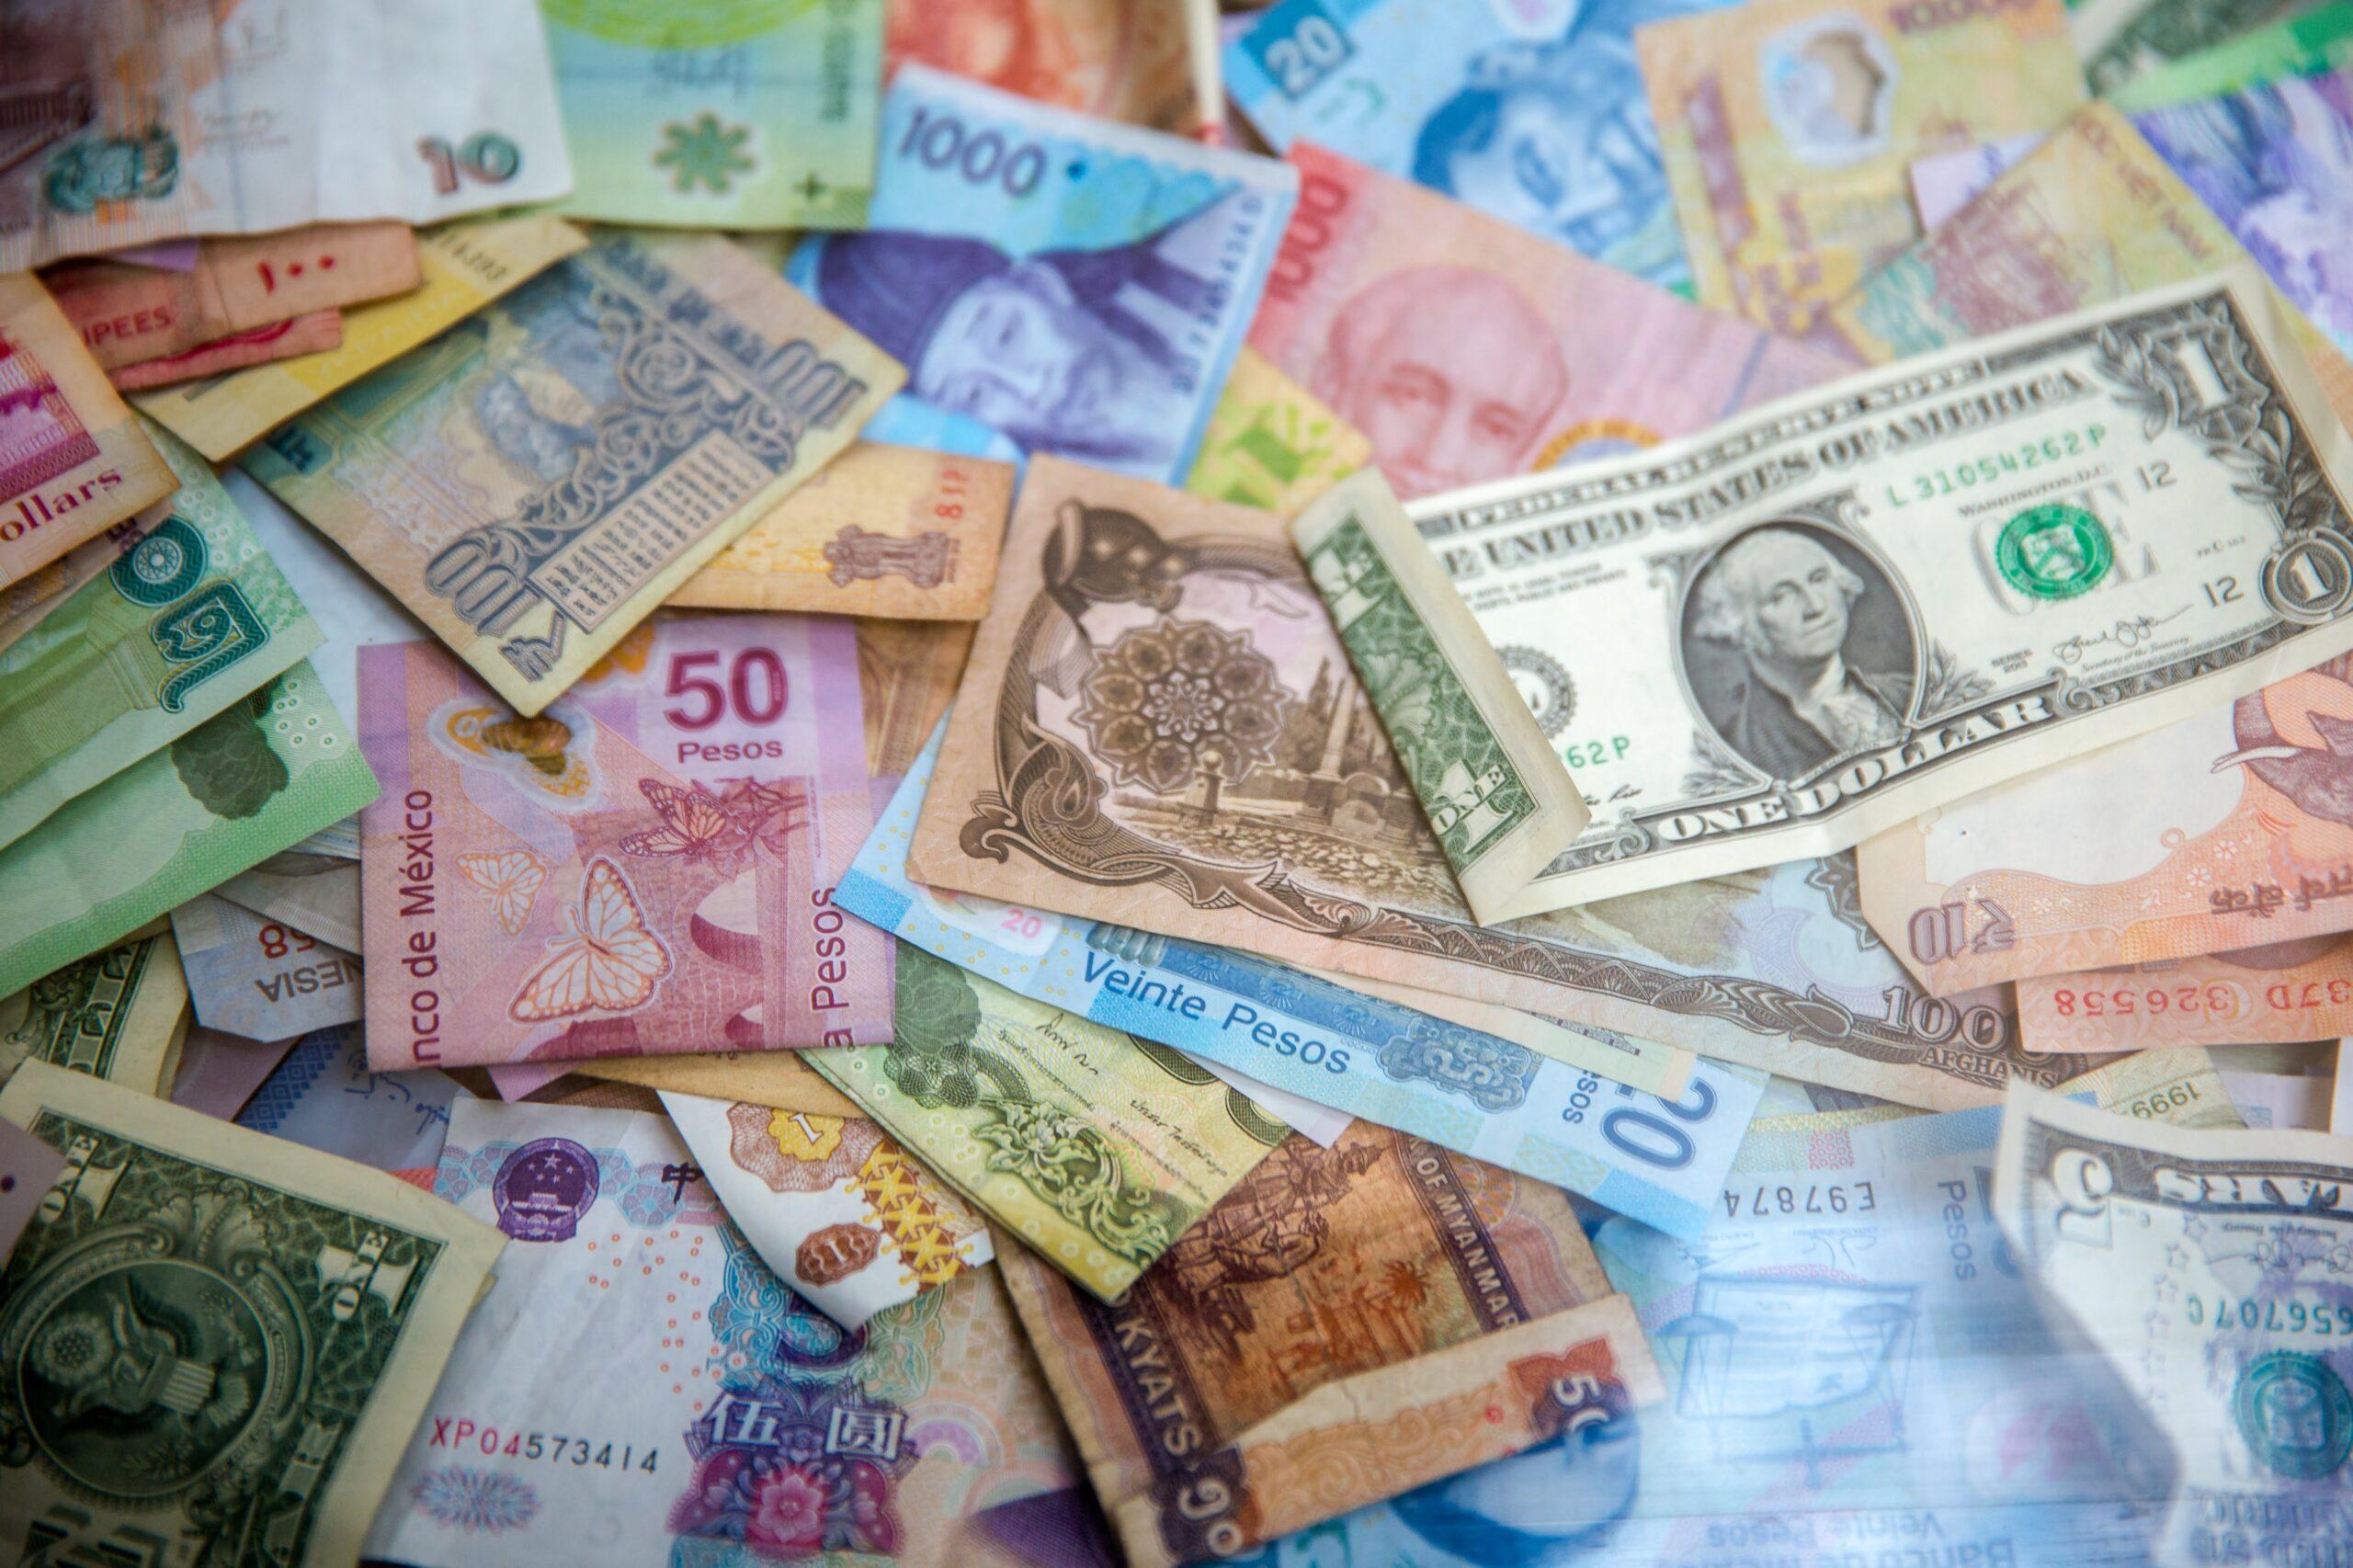 Abolicja podatkowa 2021 – nieopodatkowany dochód zza granicy bez kary